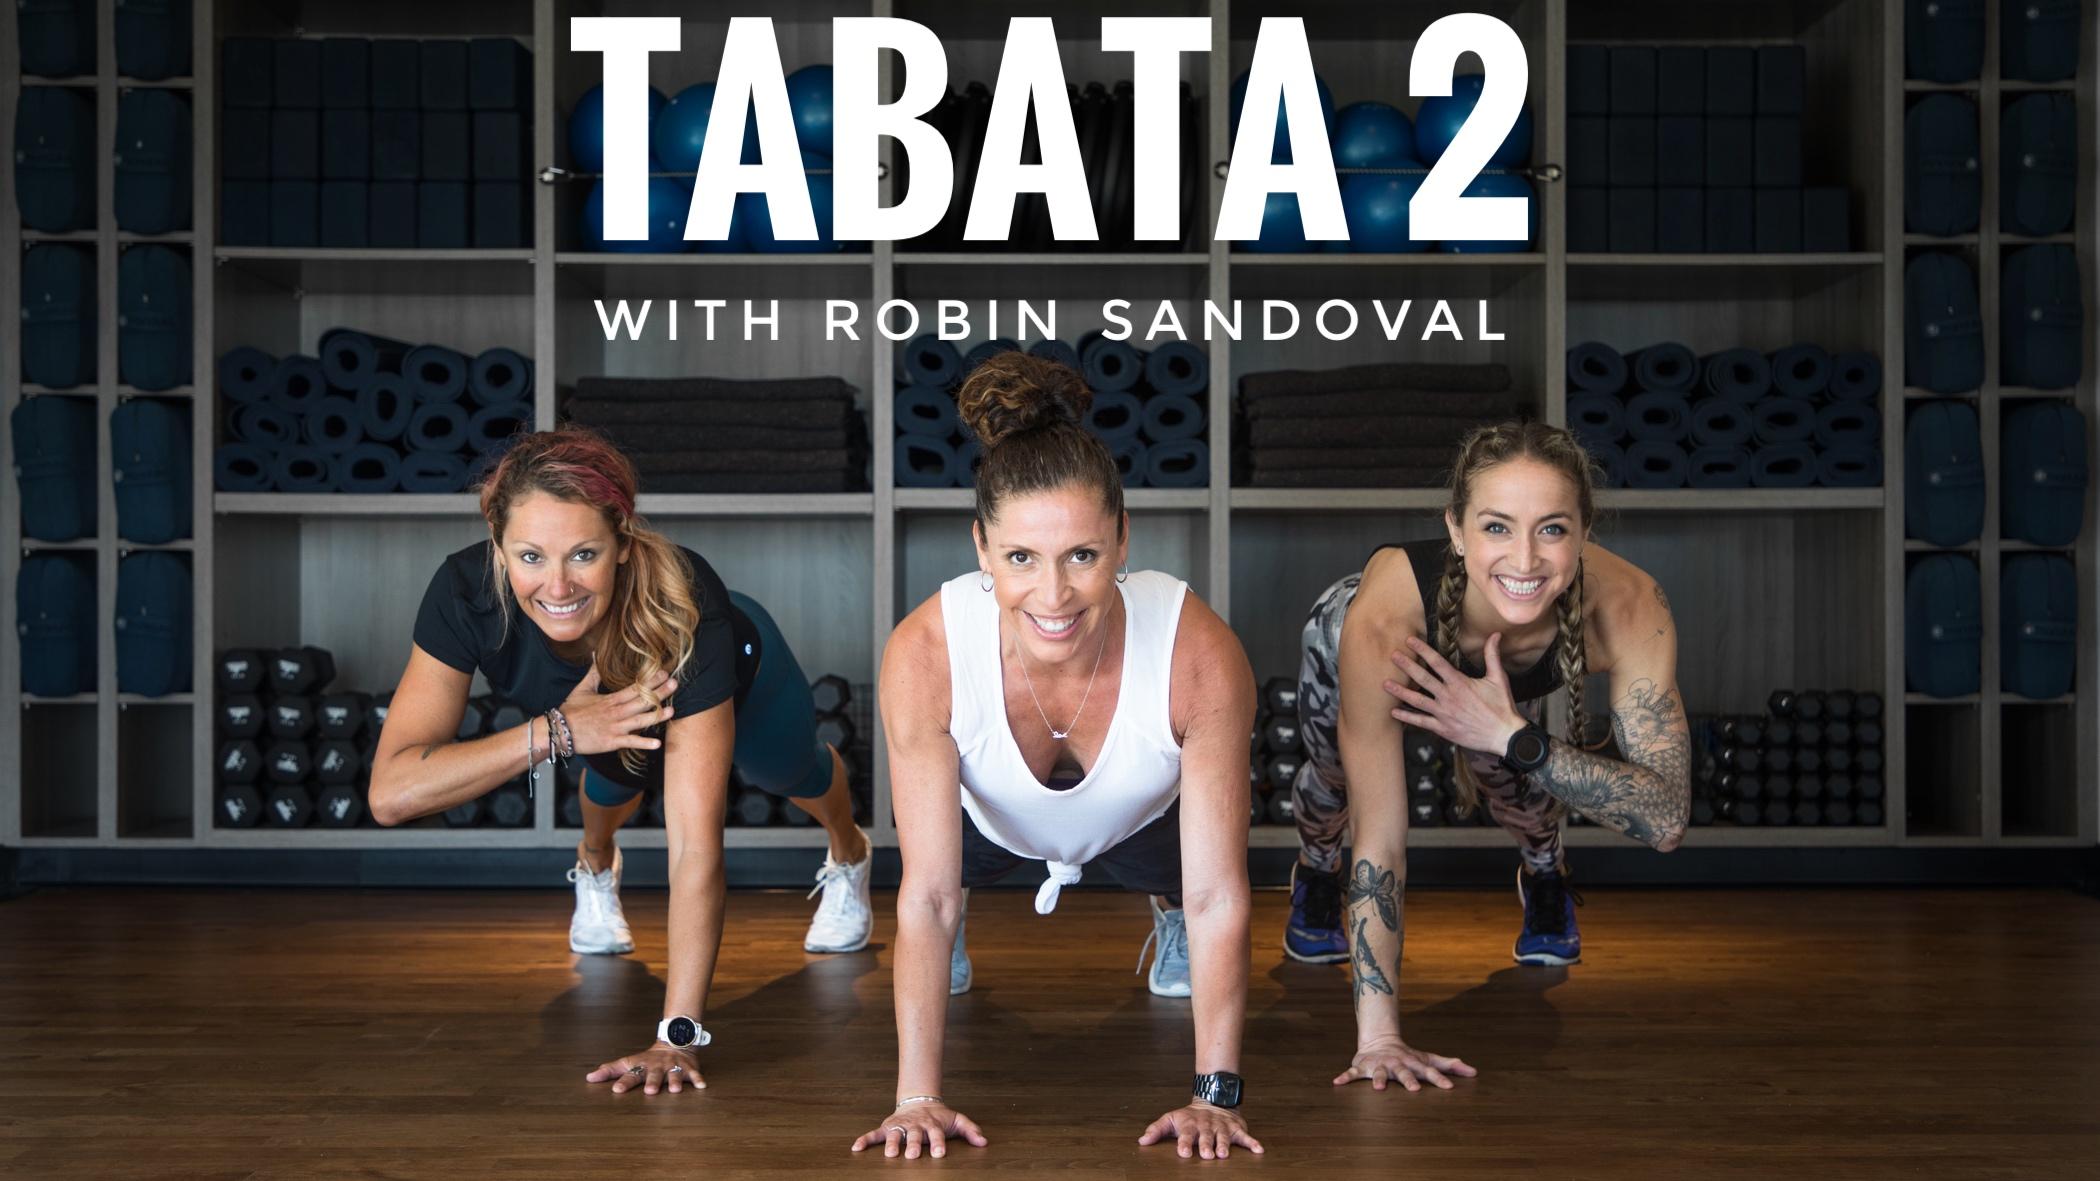 Tabata 2 with Robin Sandoval